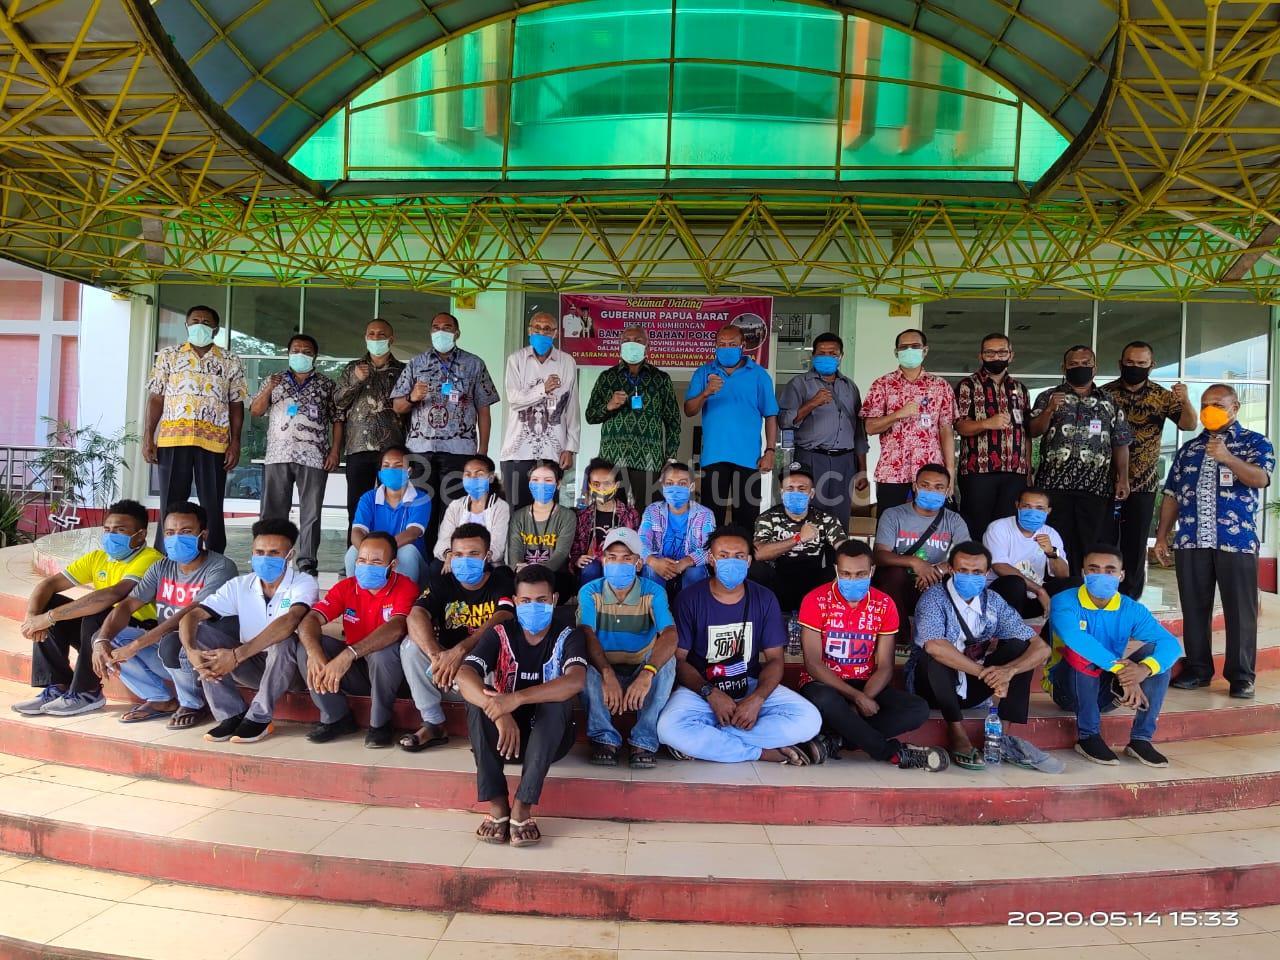 Gubernur PB Serahkan 283 Paket Bama Untuk 11 Asrama Mahasiswa UNIPA 1 IMG 20200514 WA0032